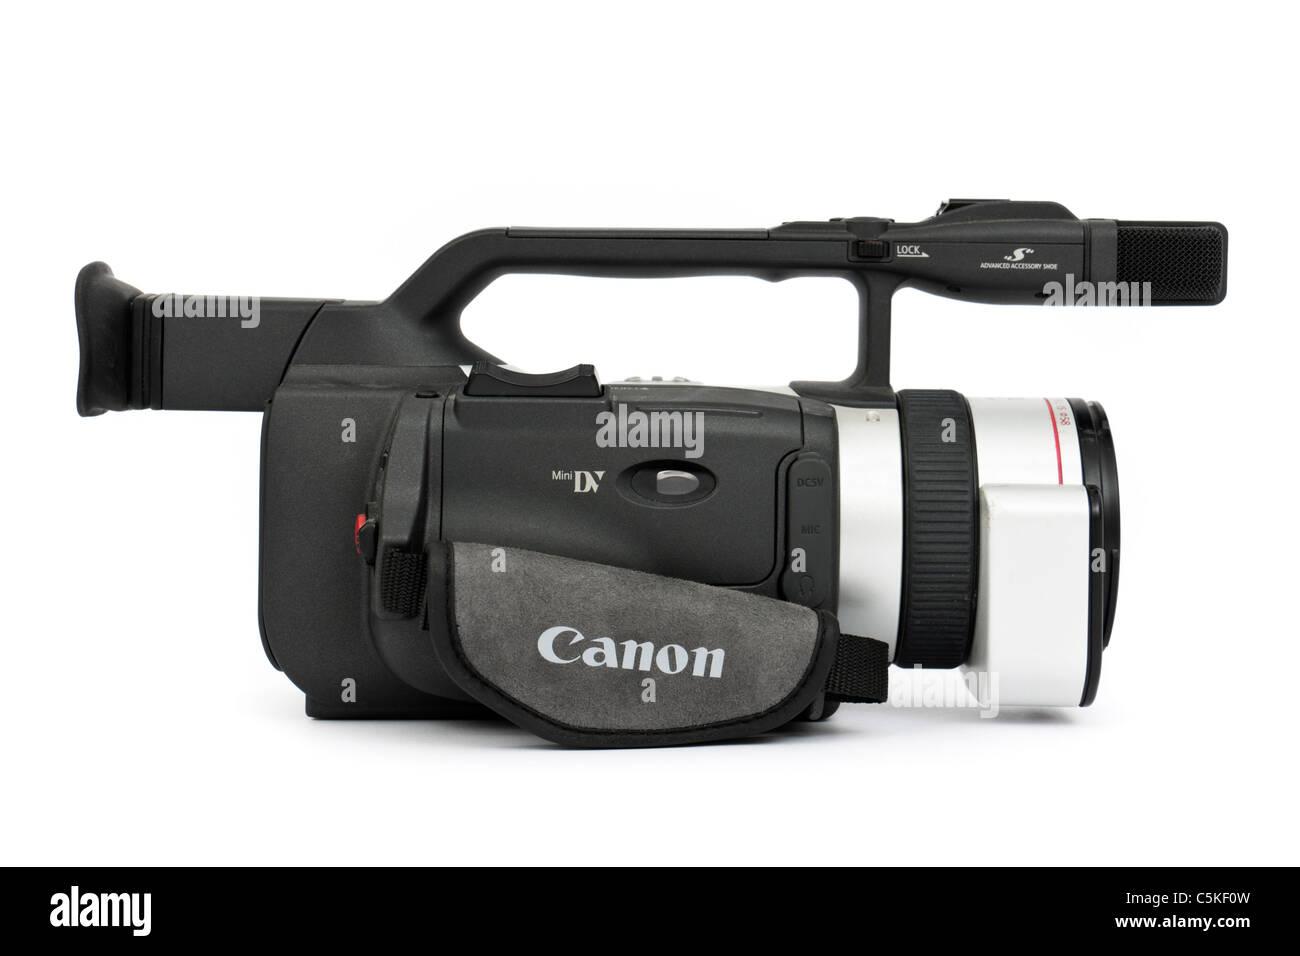 xm2 canon: